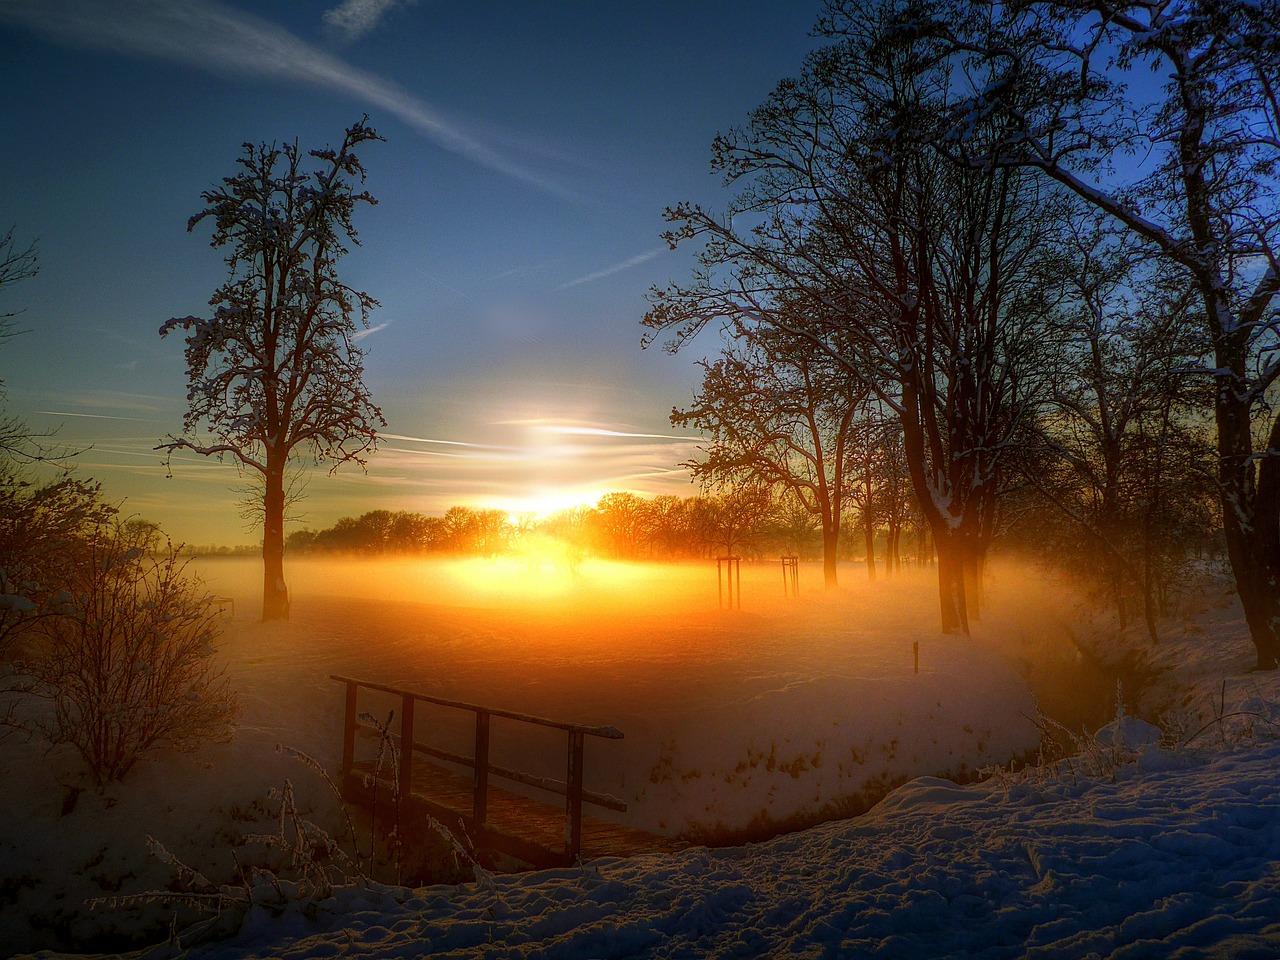 груди красивая картинка с закатом солнца зима служащие этой